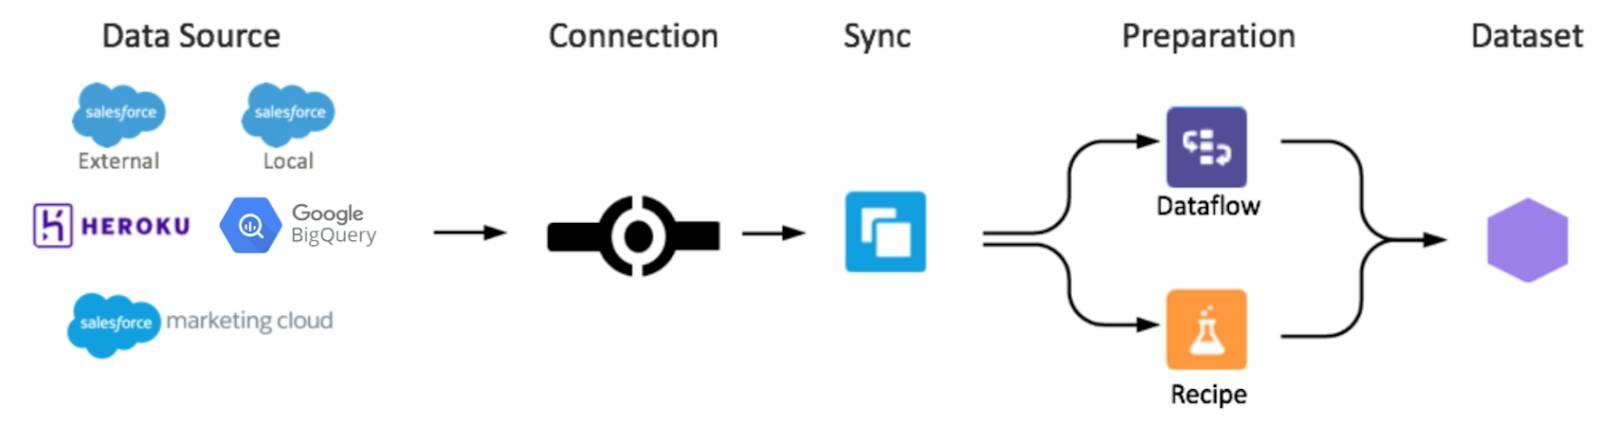 BigQuery kann als Datenquelle für die Synchronisierung mit Einstein Analytics-Datensets ausgewählt werden.